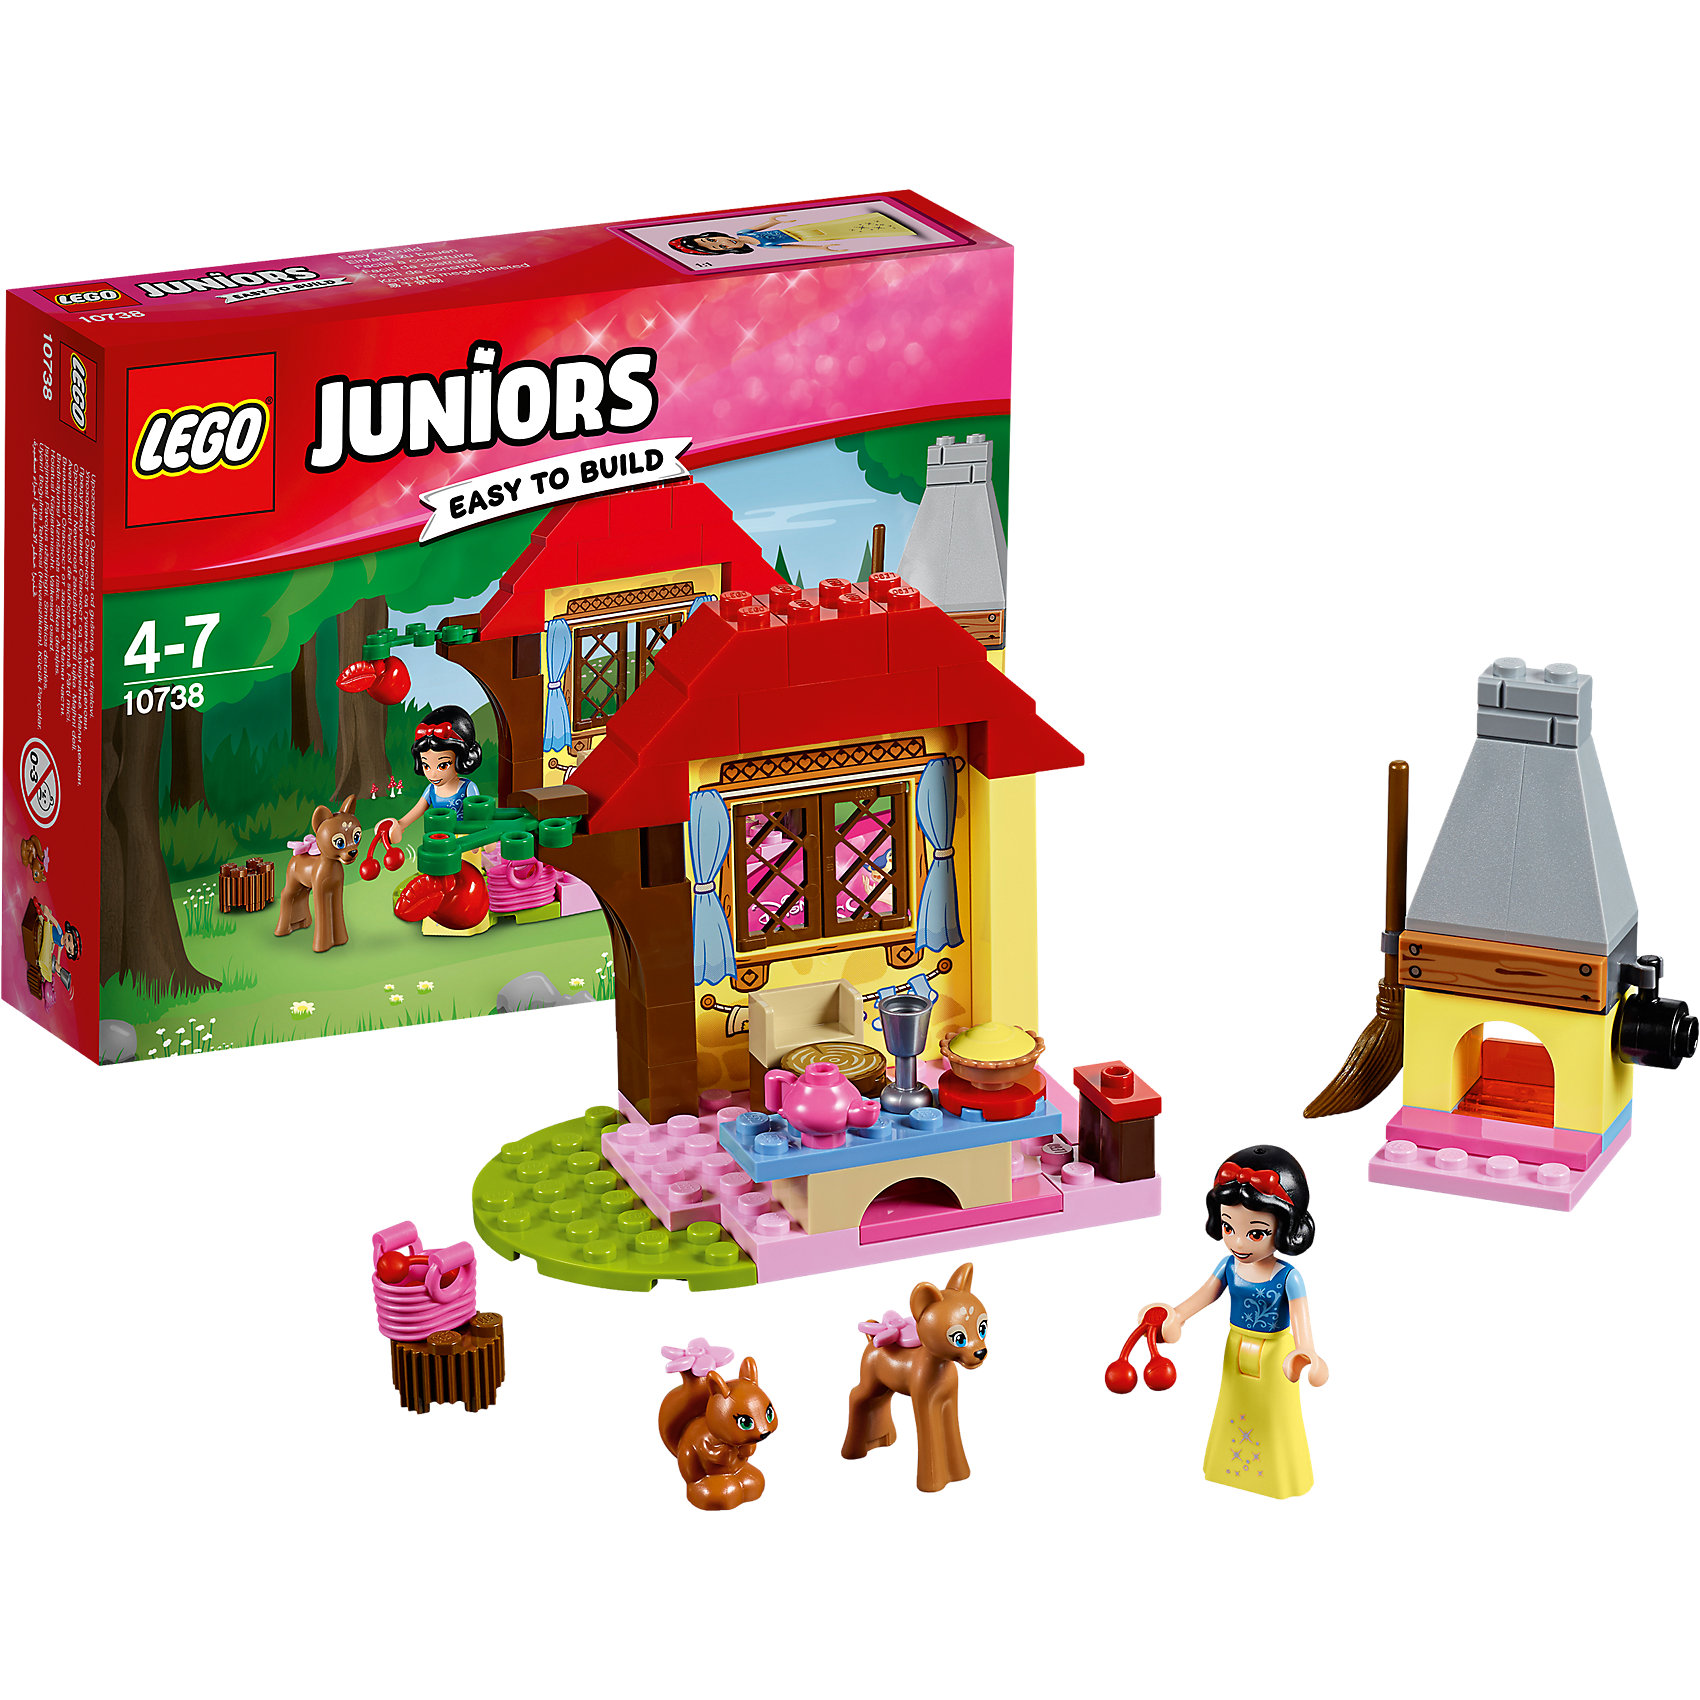 LEGO Juniors 10738: Лесной домик БелоснежкиПластмассовые конструкторы<br><br><br>Ширина мм: 193<br>Глубина мм: 142<br>Высота мм: 50<br>Вес г: 153<br>Возраст от месяцев: 48<br>Возраст до месяцев: 84<br>Пол: Мужской<br>Возраст: Детский<br>SKU: 5620066